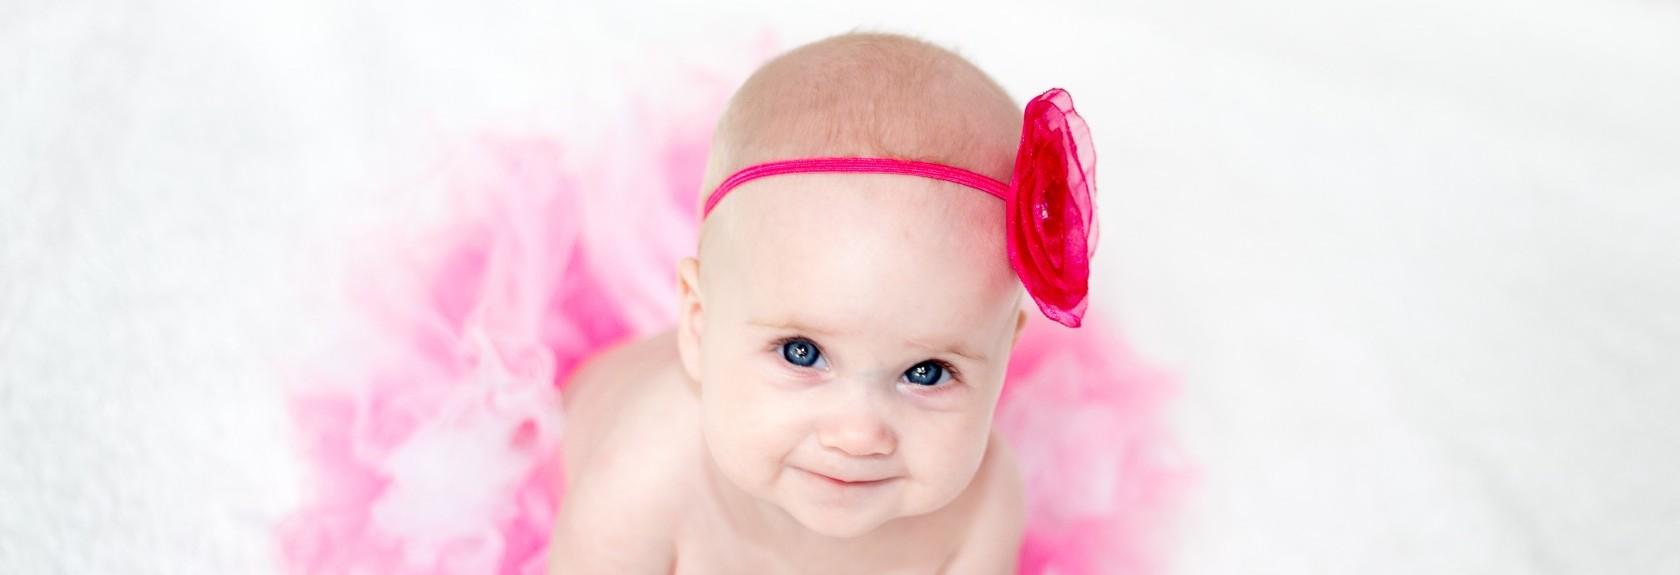 Essex baby portrait